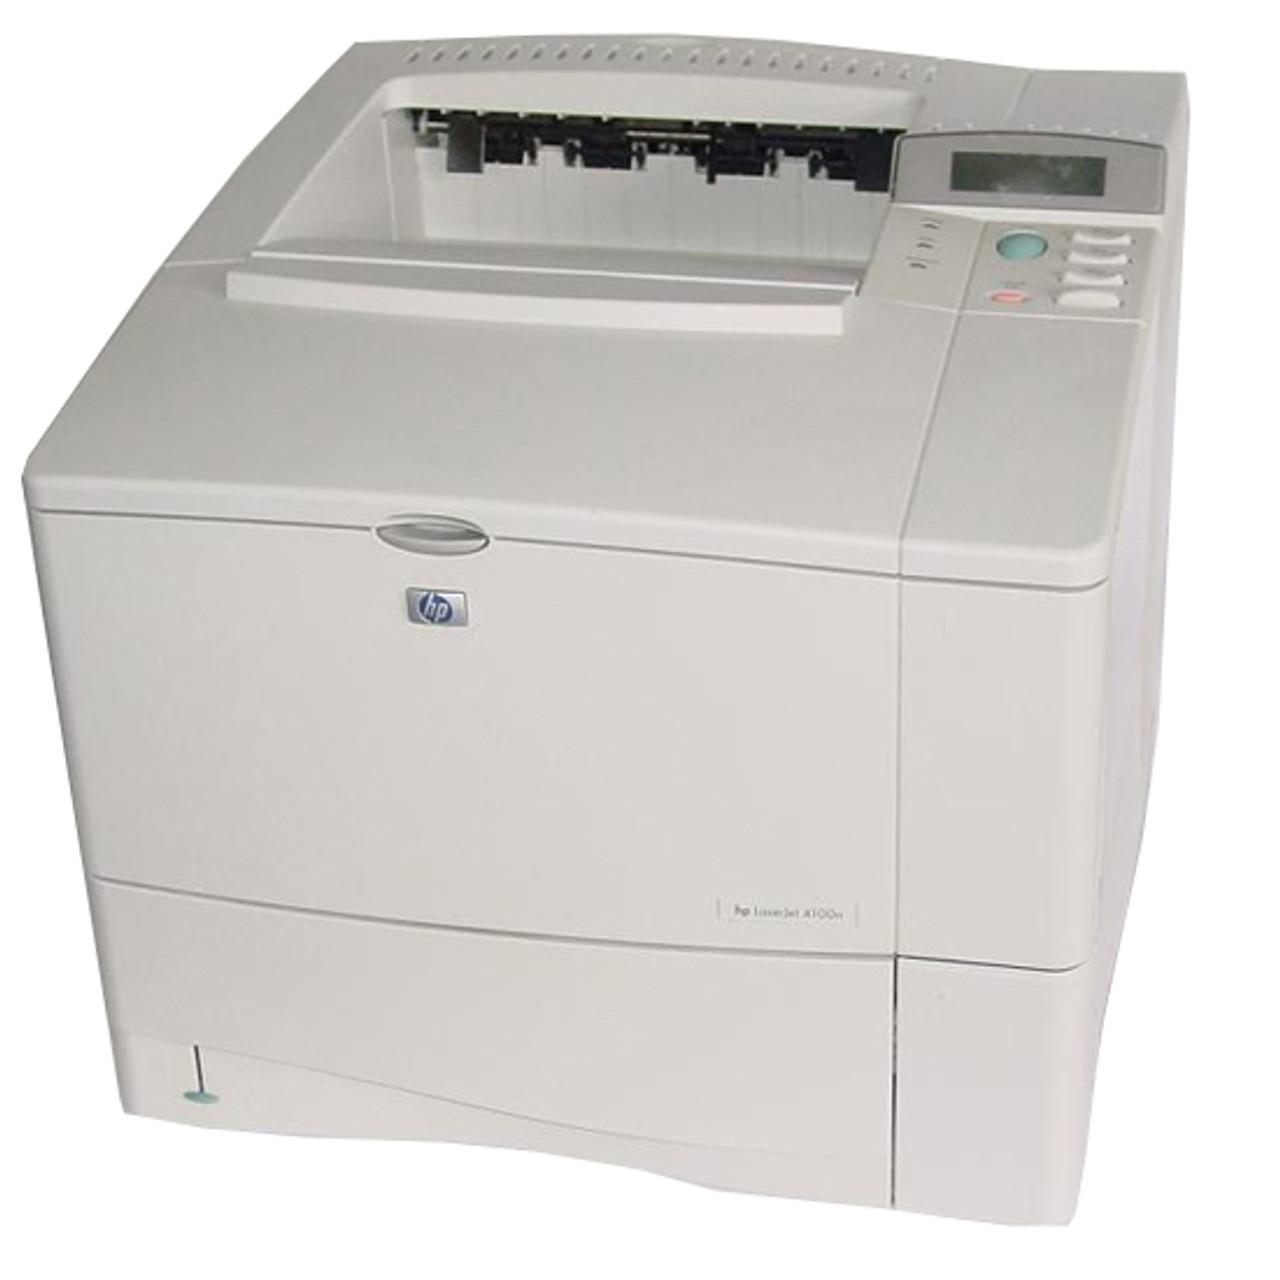 HP LaserJet 4100n - C8050A#425 - HP Laser Printer for sale